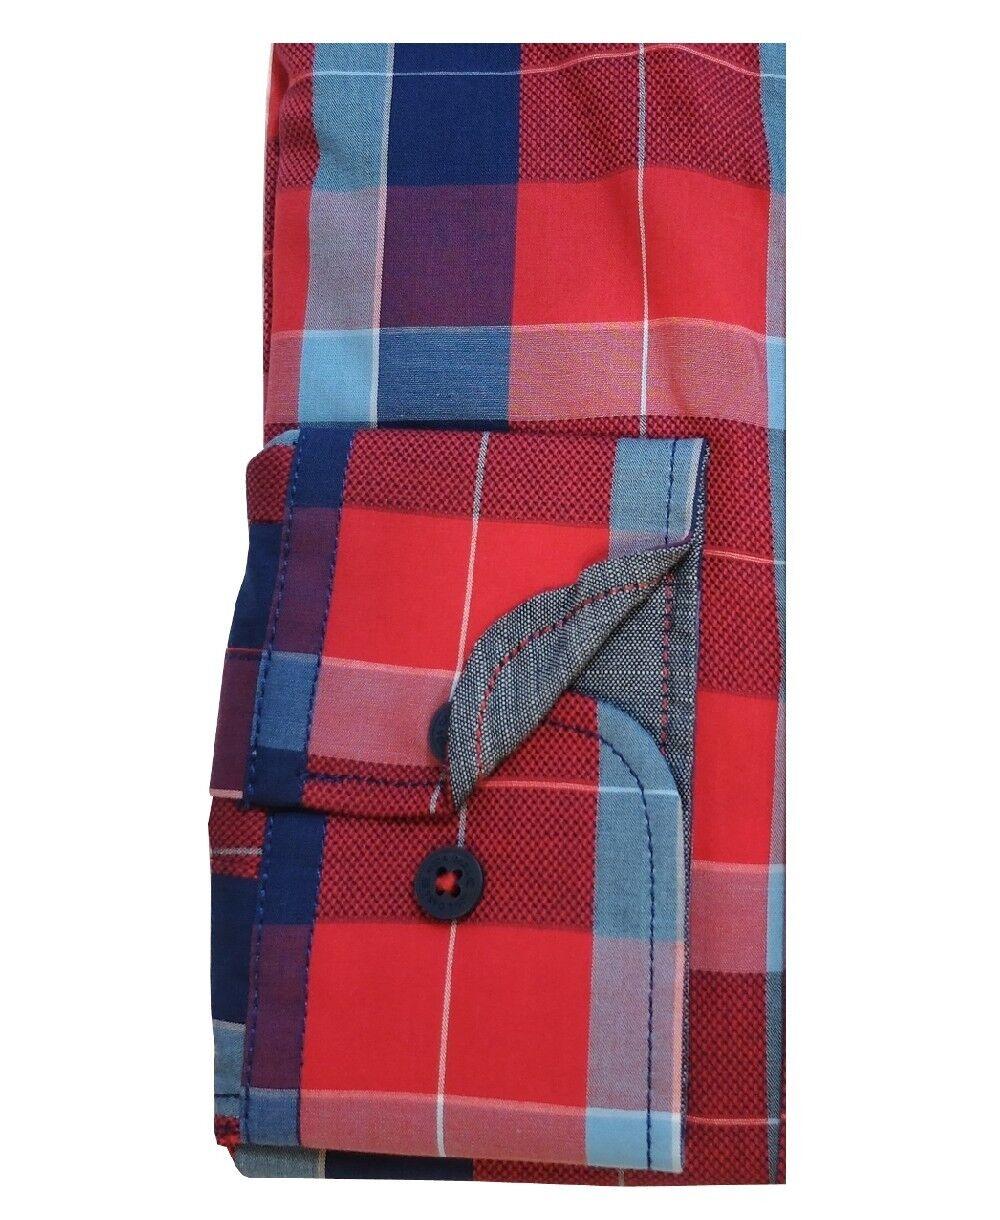 Casa Moda Freizeithemd Freizeithemd Freizeithemd Comfort Fit in rot blau aqua Ärmellänge 72 cm Gr. M - 6XL | Ausgezeichneter Wert  fc44f6